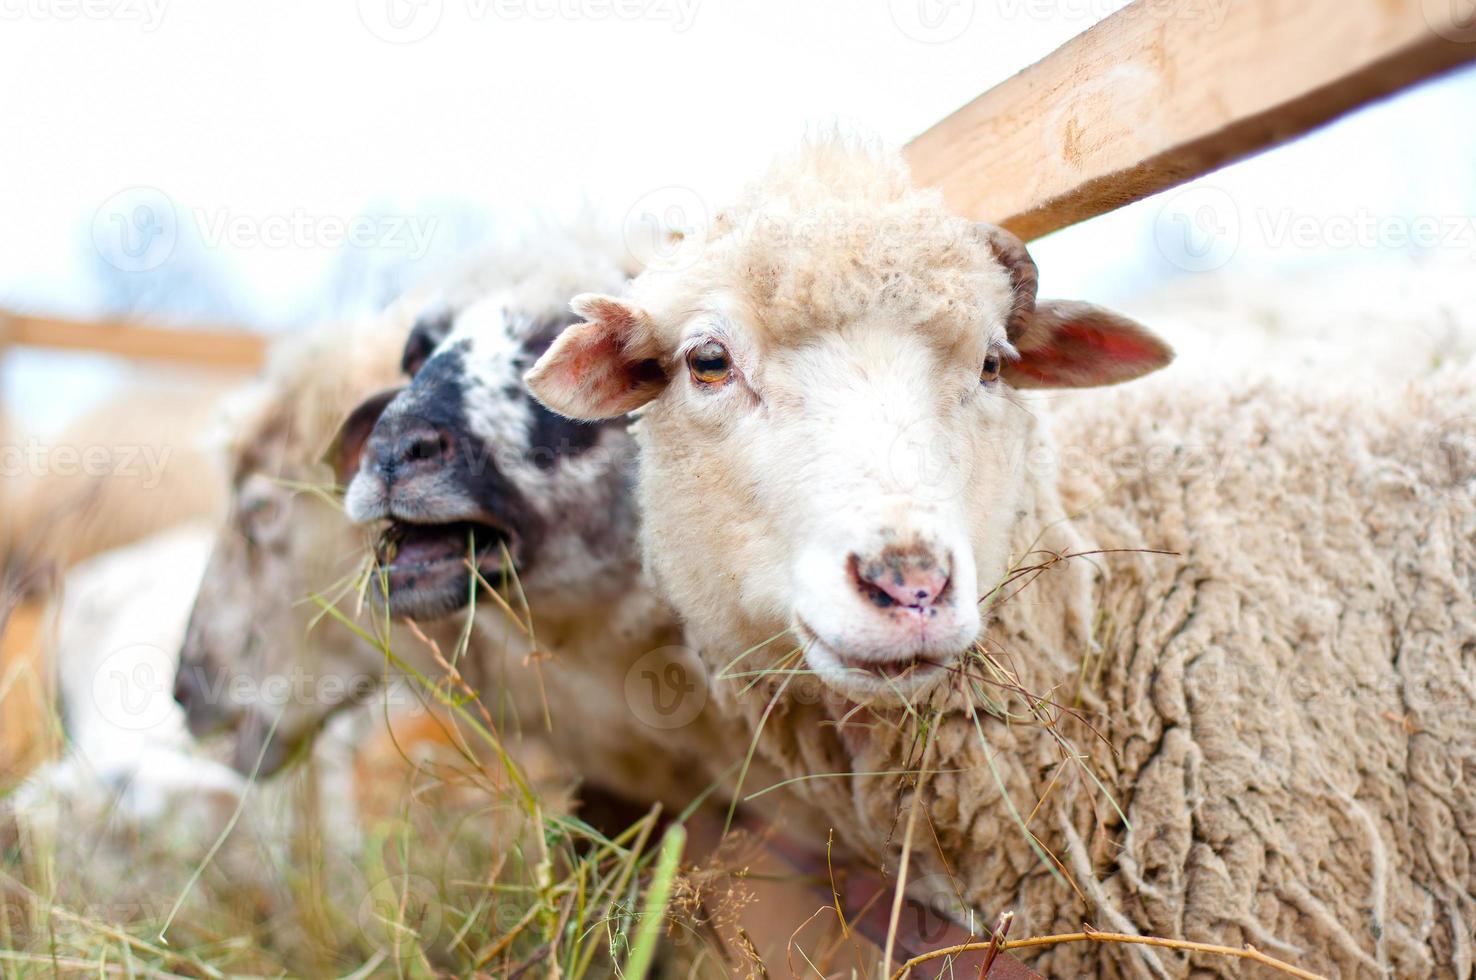 byre schapen eten gras en hooi op lokale boerderij foto